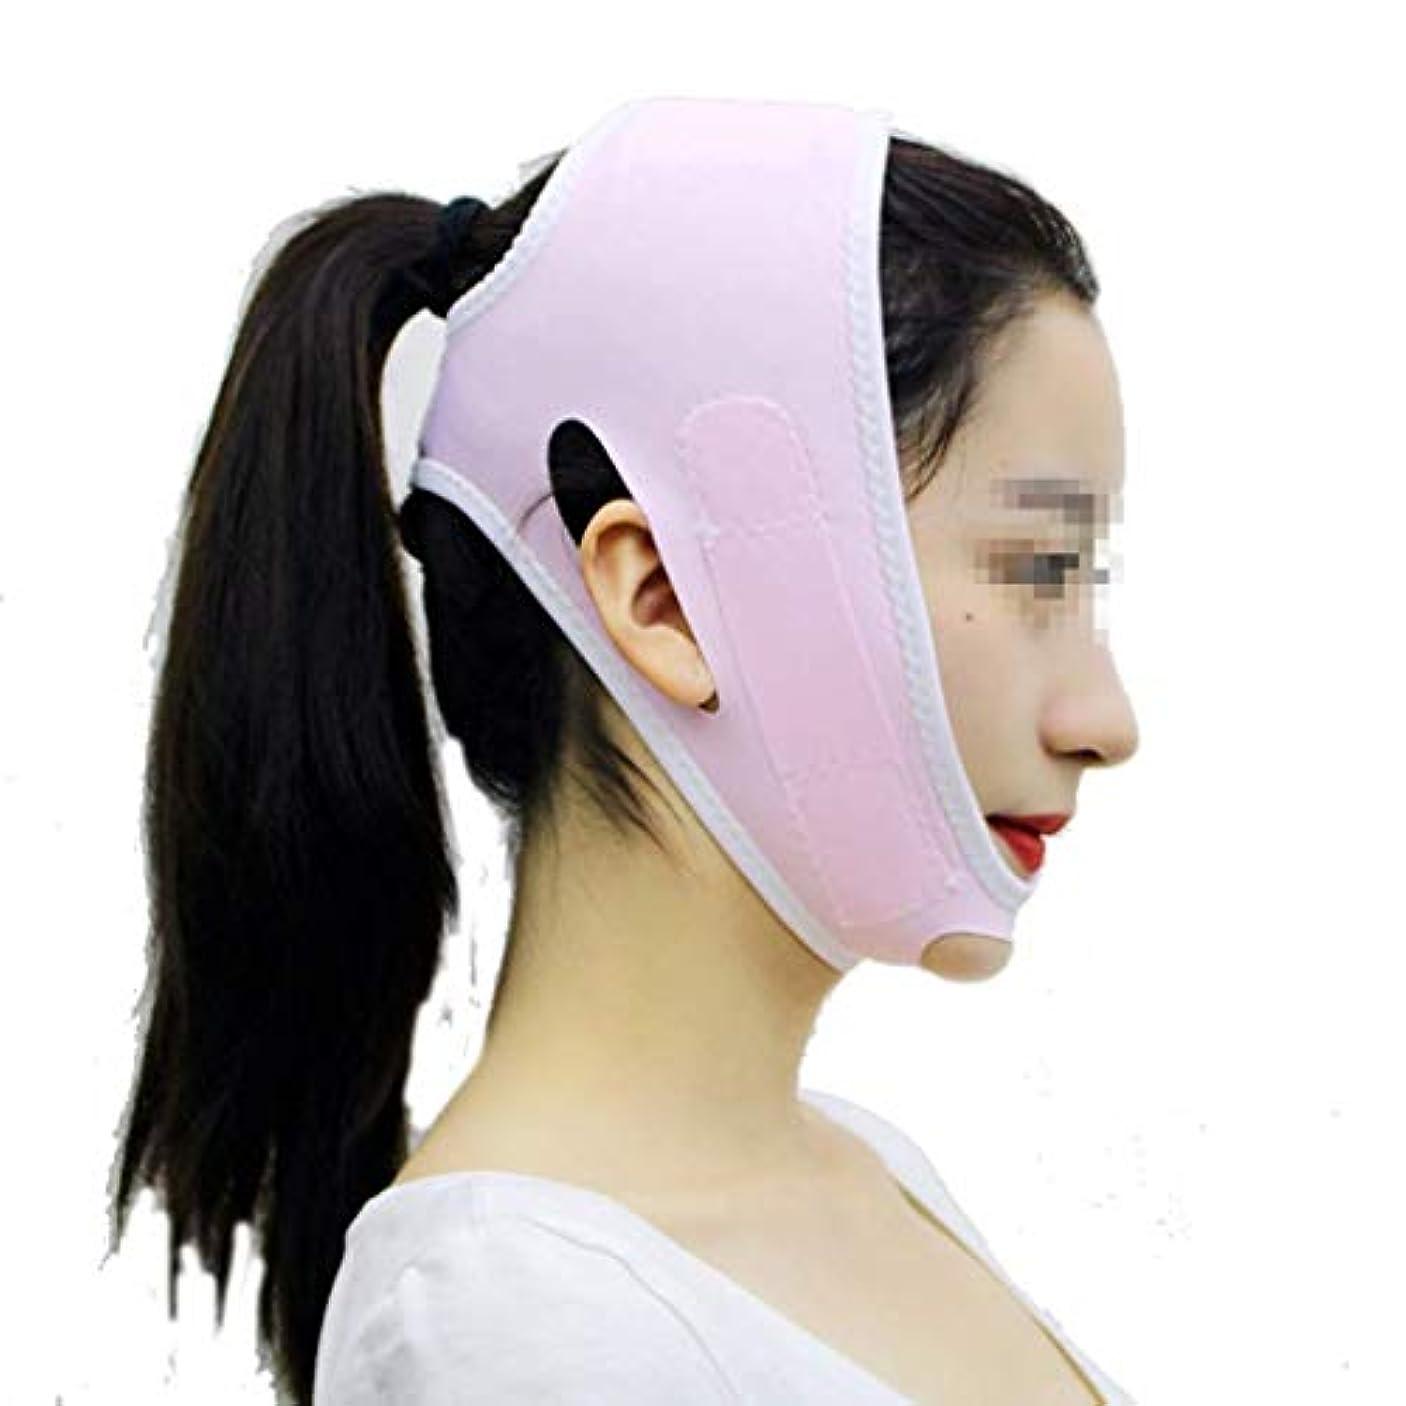 するだろう君主制重要な美容包帯、Vフェイス睡眠薄いフェイスマスクライン彫刻回復フードリフティング引き締めフェイスダブルチンマスクマルチカラーオプション(カラー:ピンク),ピンク